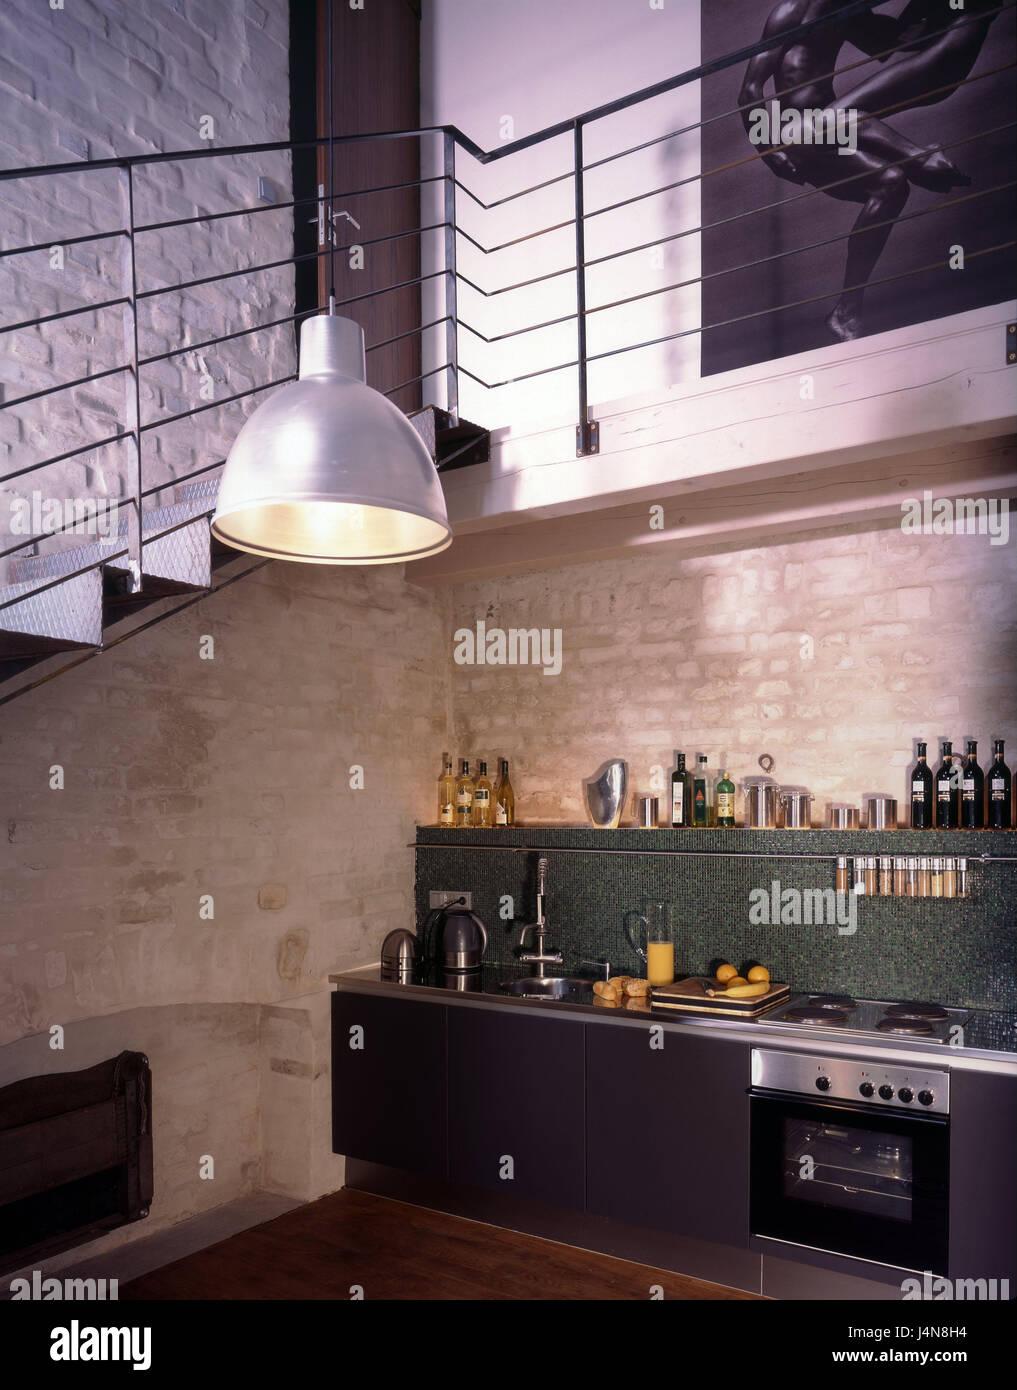 Ausgezeichnet Küche Setup Bilder Bilder - Küchen Design Ideen ...